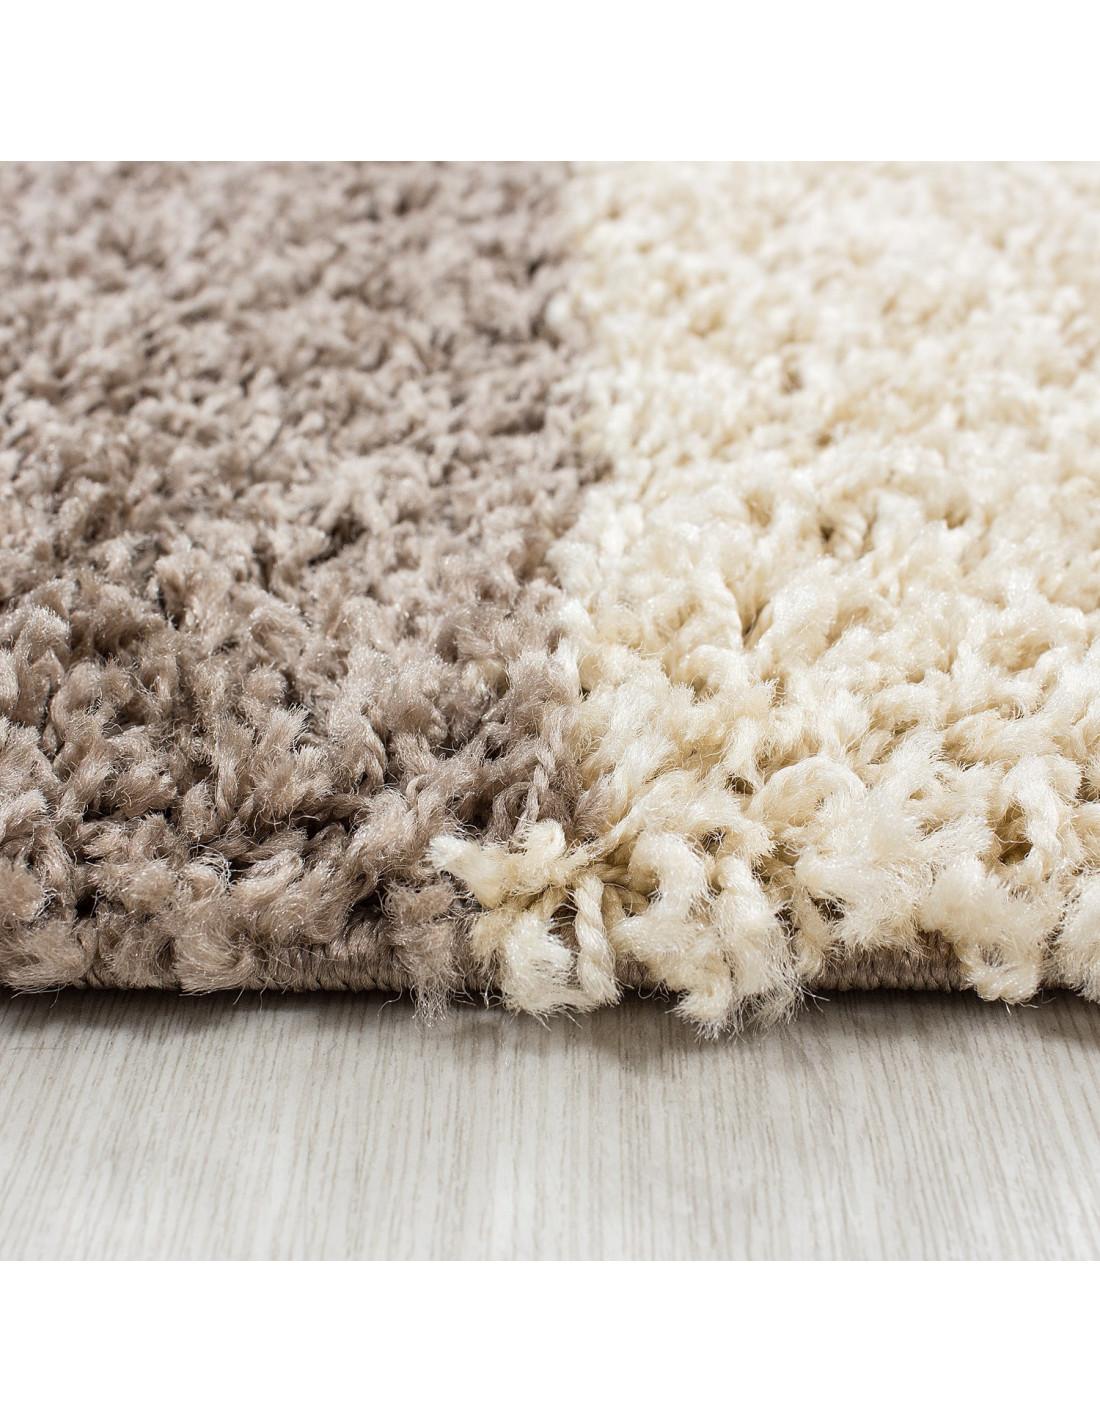 hochflor langflor wohnzimmer shaggy teppich kariert braun weiss beige. Black Bedroom Furniture Sets. Home Design Ideas